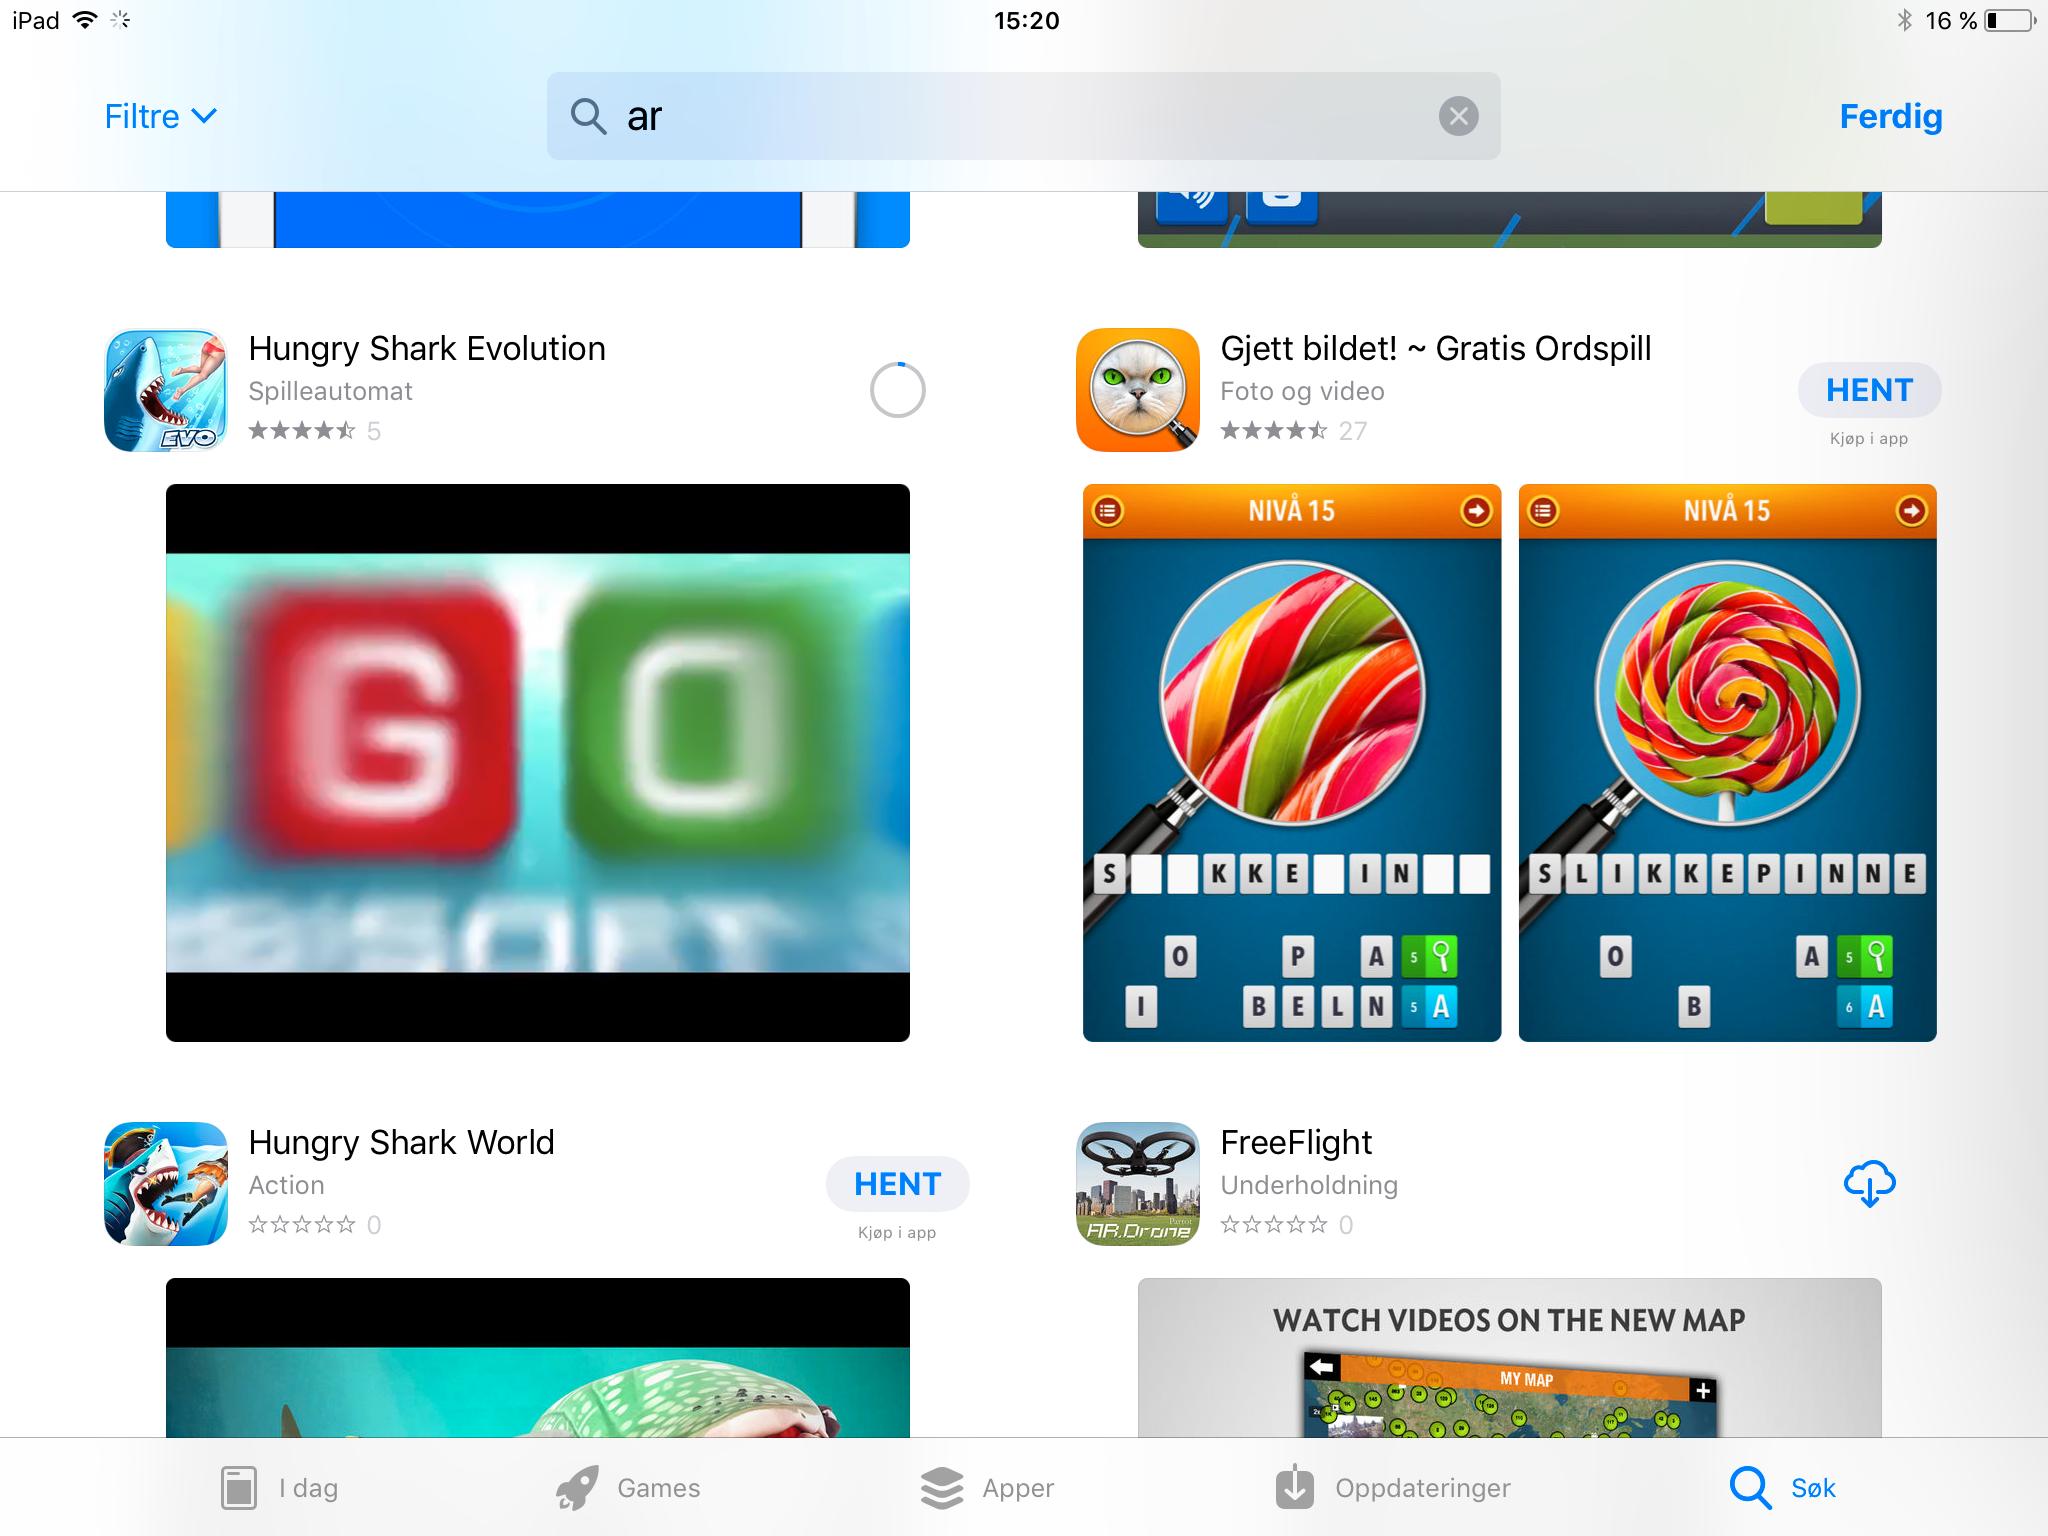 Introduksjonsvideoer for hver app vises automatisk hvis du dveler med appen på skjermen i nye App Store. Det er foreløpig litt uvisst om det er mulig å skru av denne funksjonen, eller eventuelt å begrense den på mobilnett.